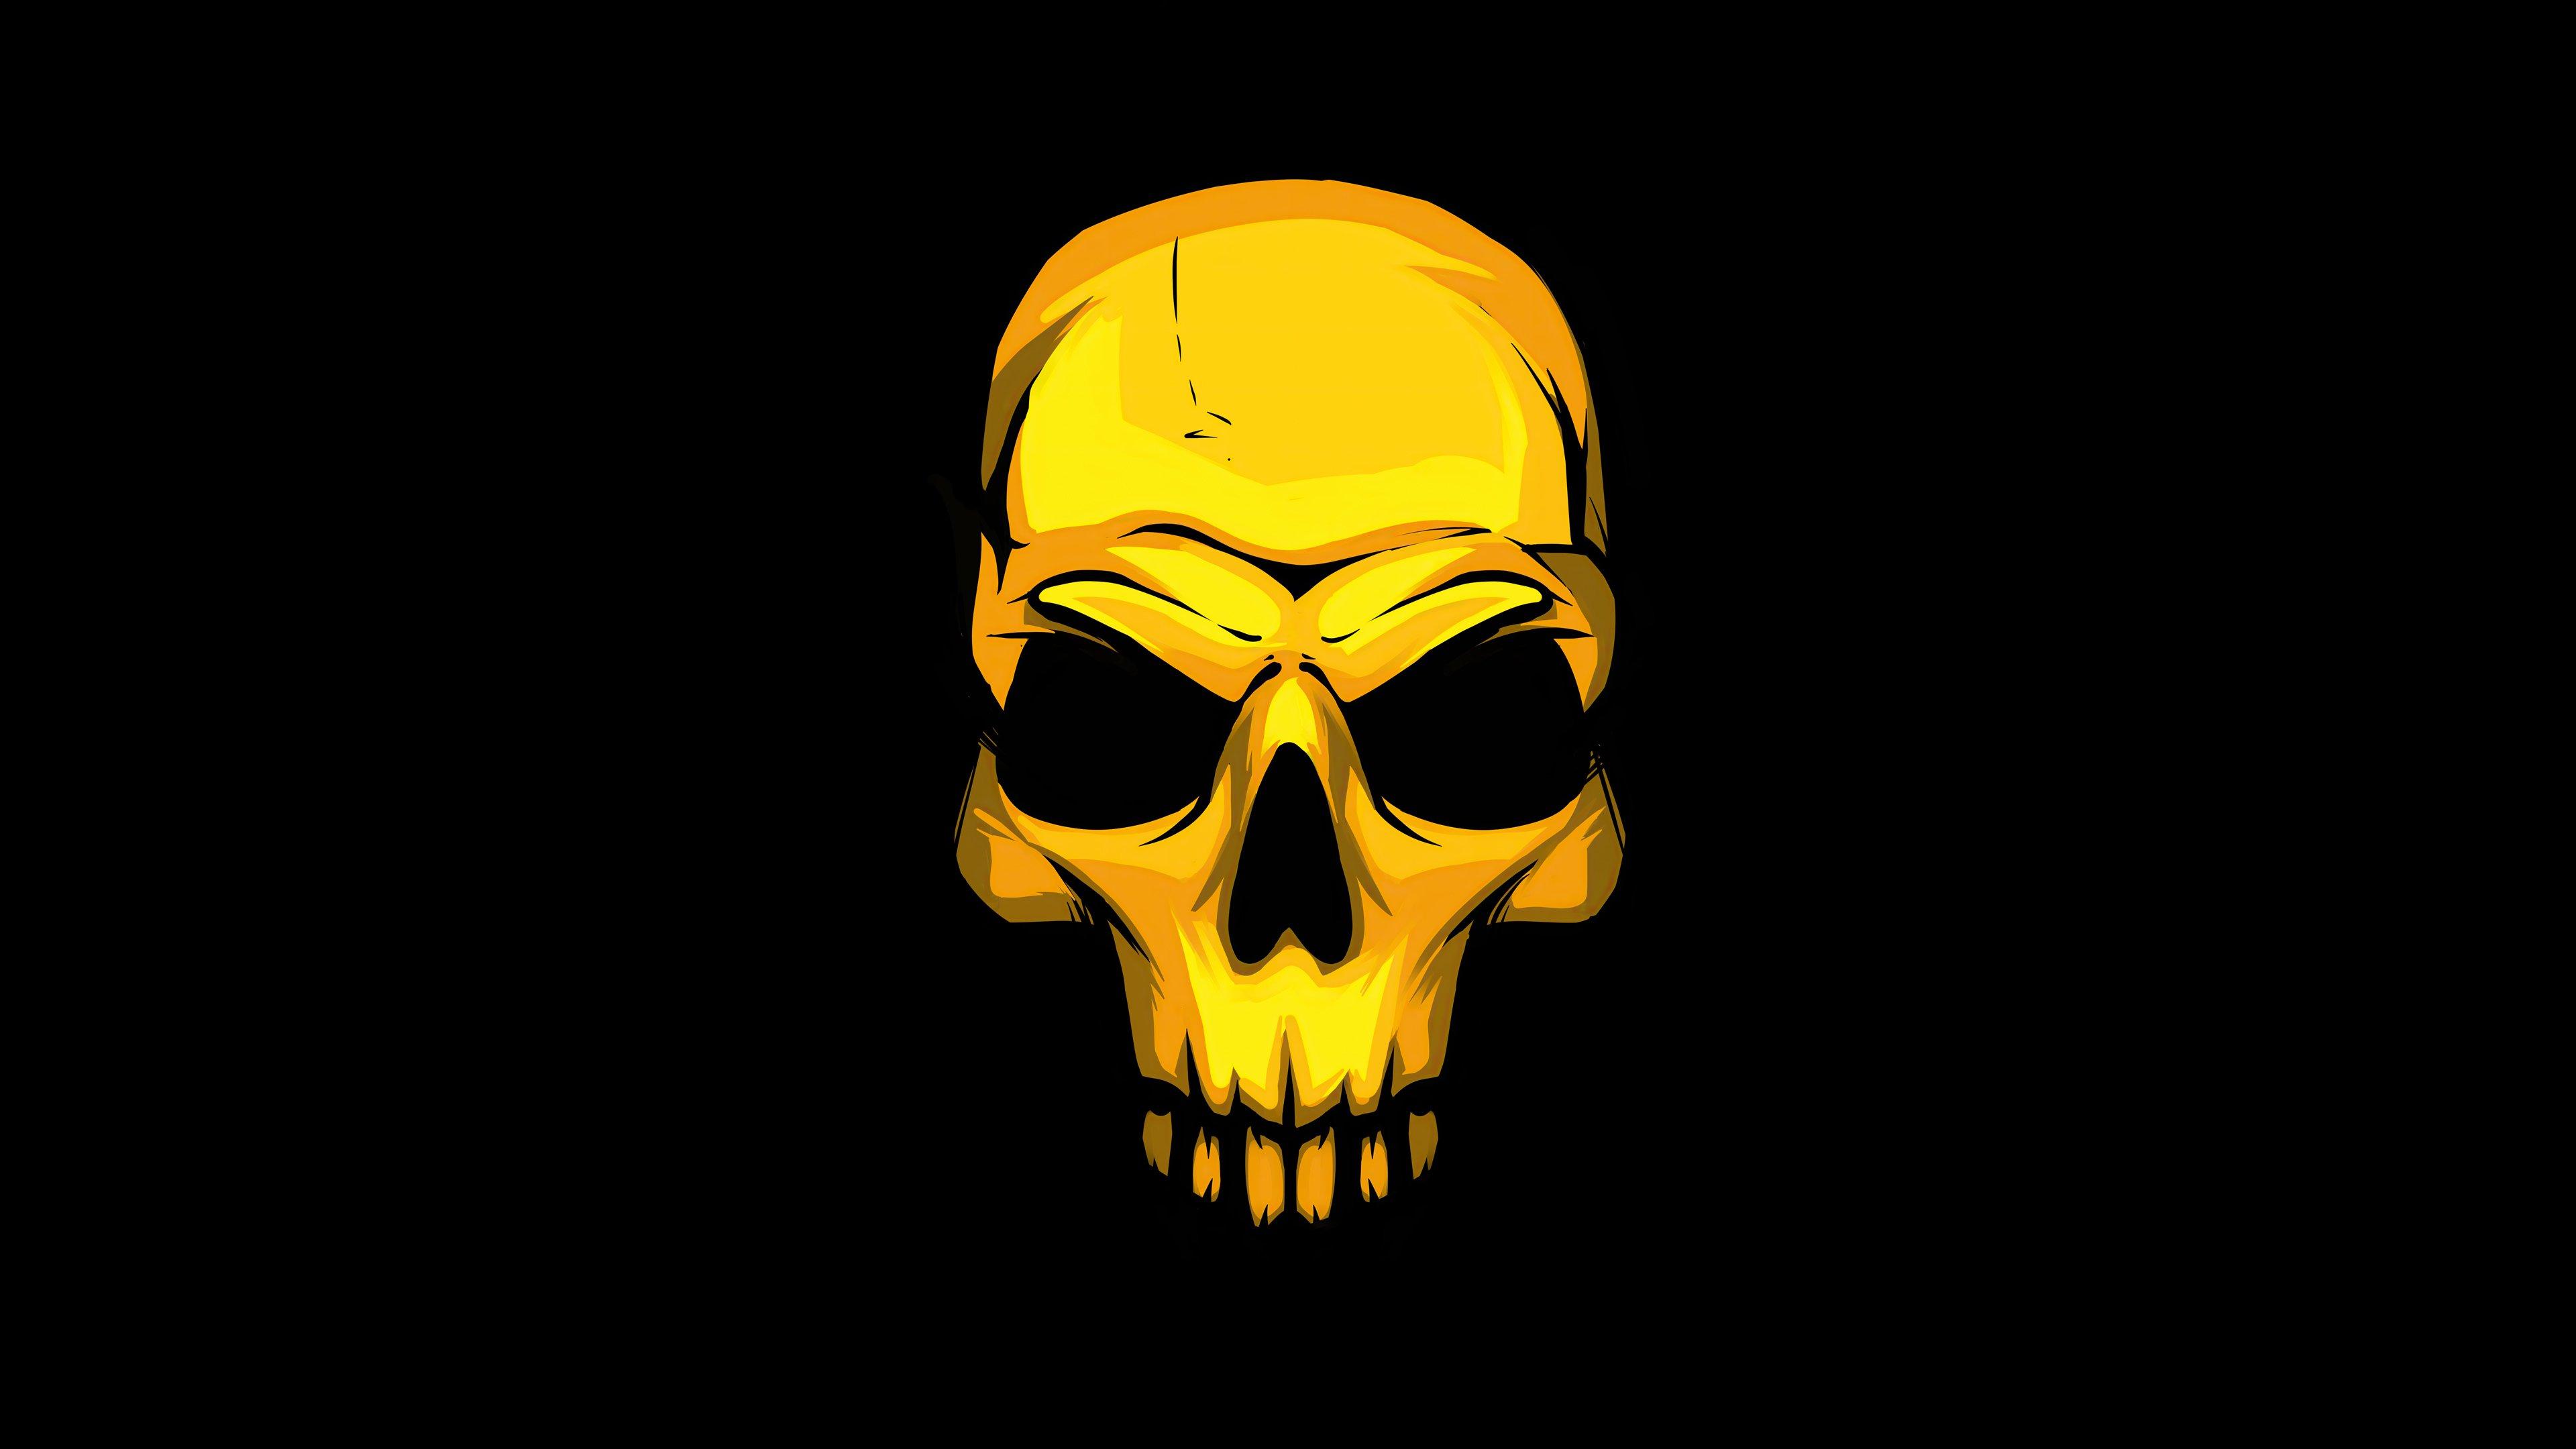 Fondos de pantalla Cráneo dorado